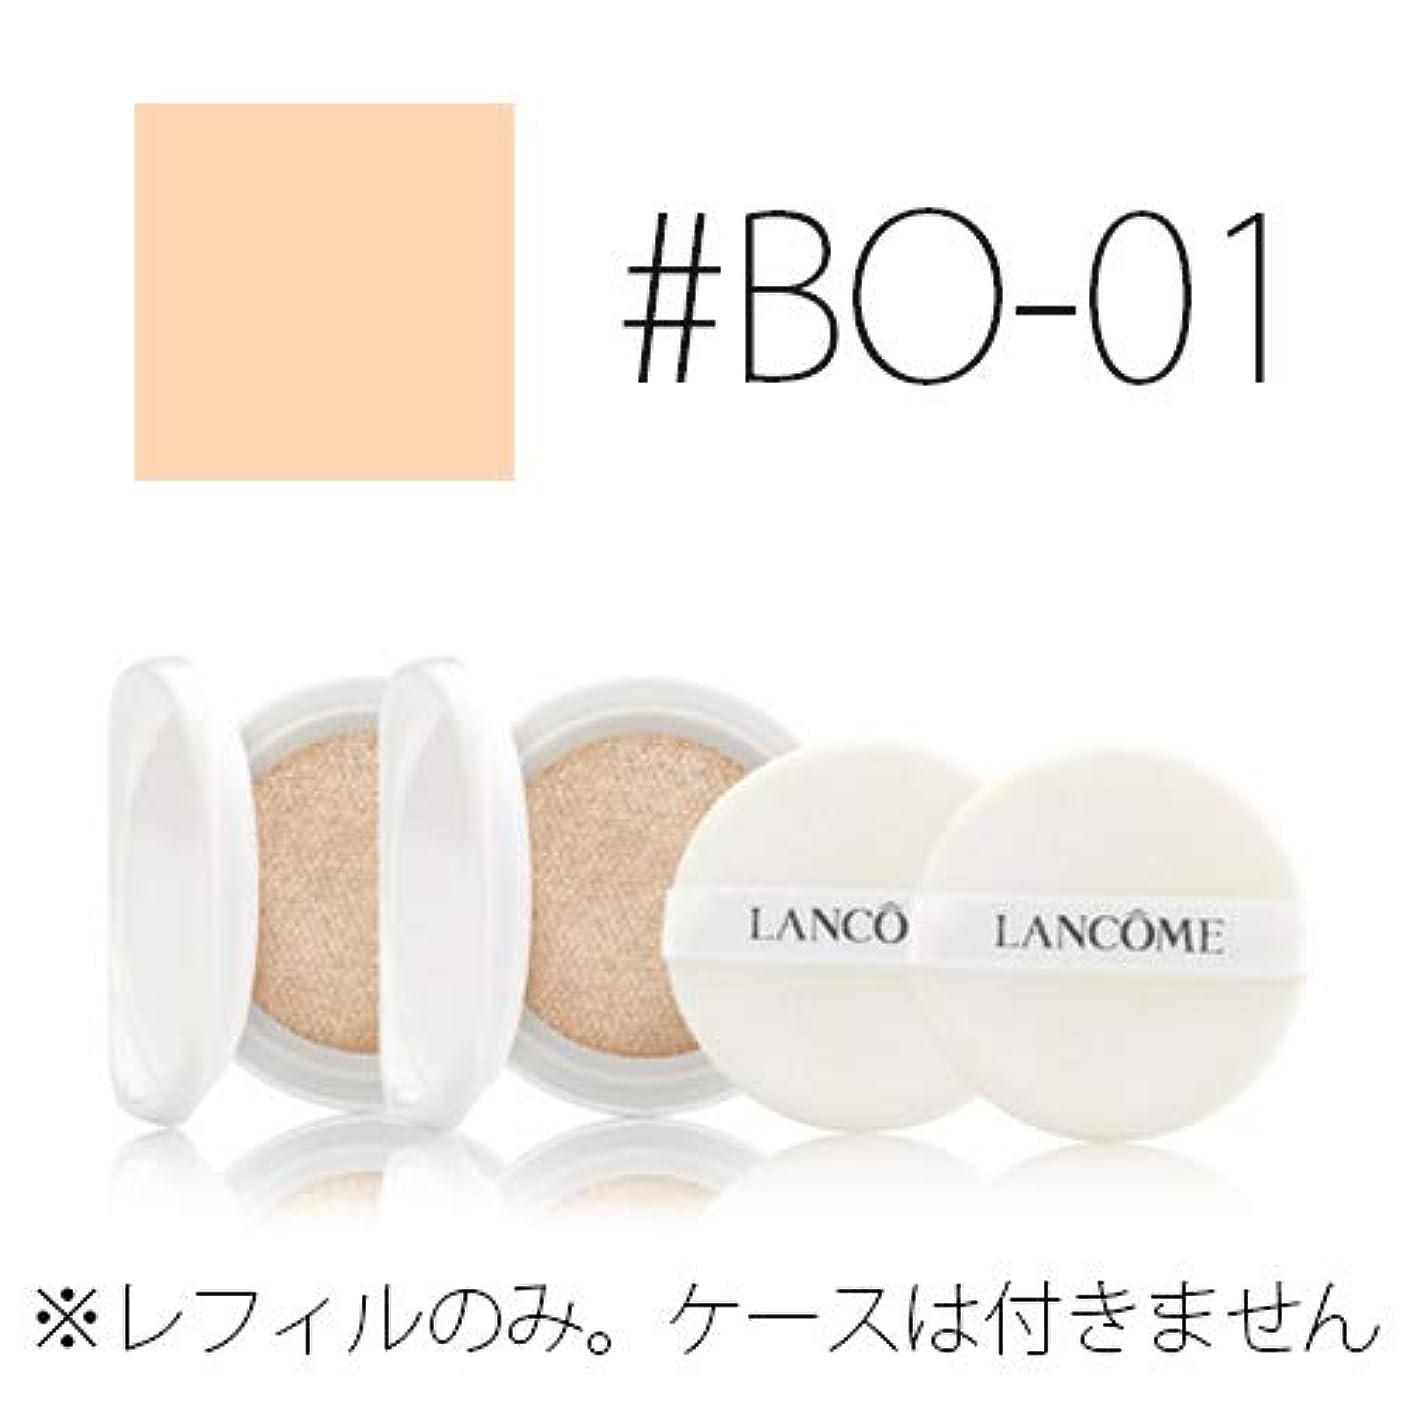 専門知識決して先にランコム ブラン エクスペール クッションコンパクト H レフィル(2個入り)【#BO-01】 #BO-01 SPF50+/PA+++ 13g×2